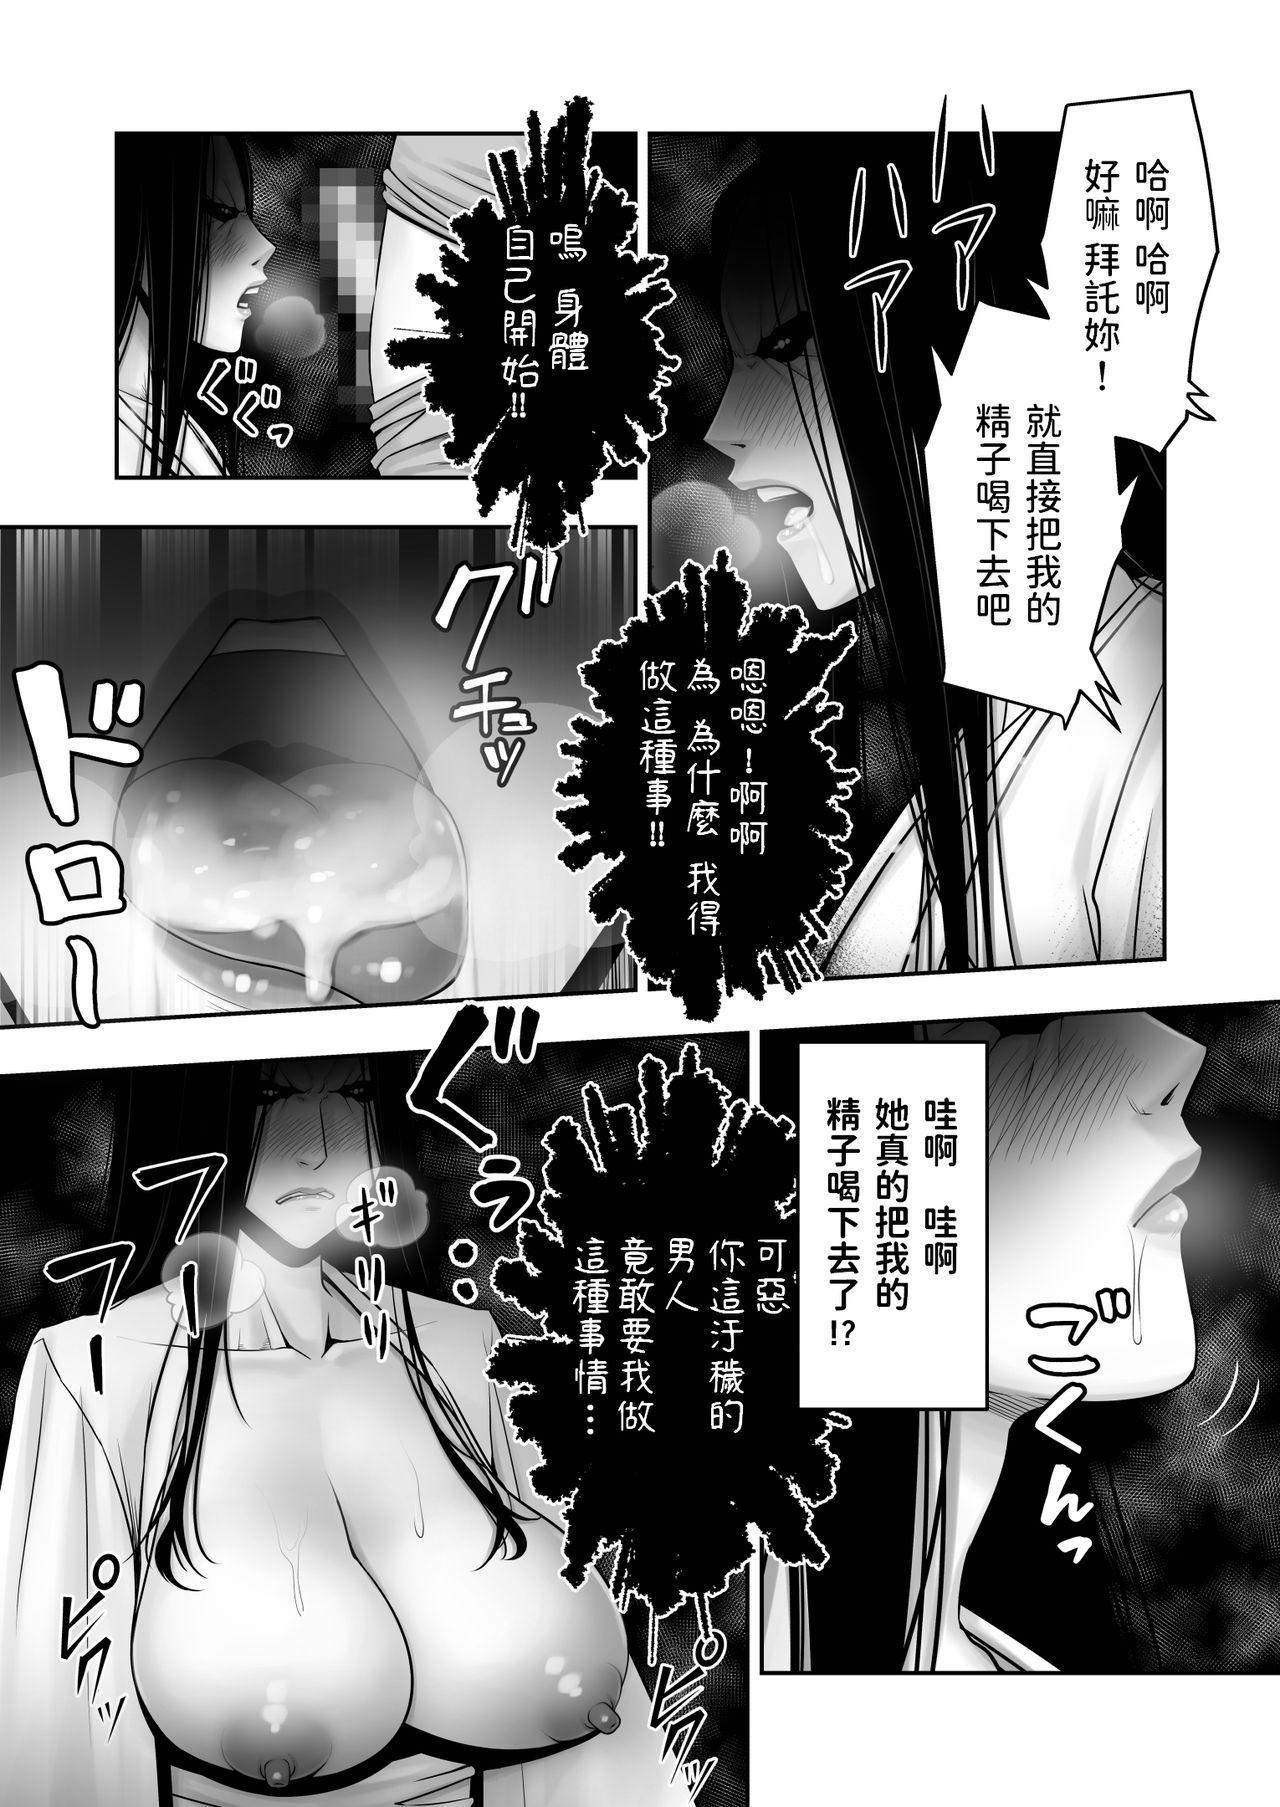 Doutei ga Heya ni Toritsuite Iru Onna Yuurei ni Gyaku Kanashibari o Kaketa Kekka 20